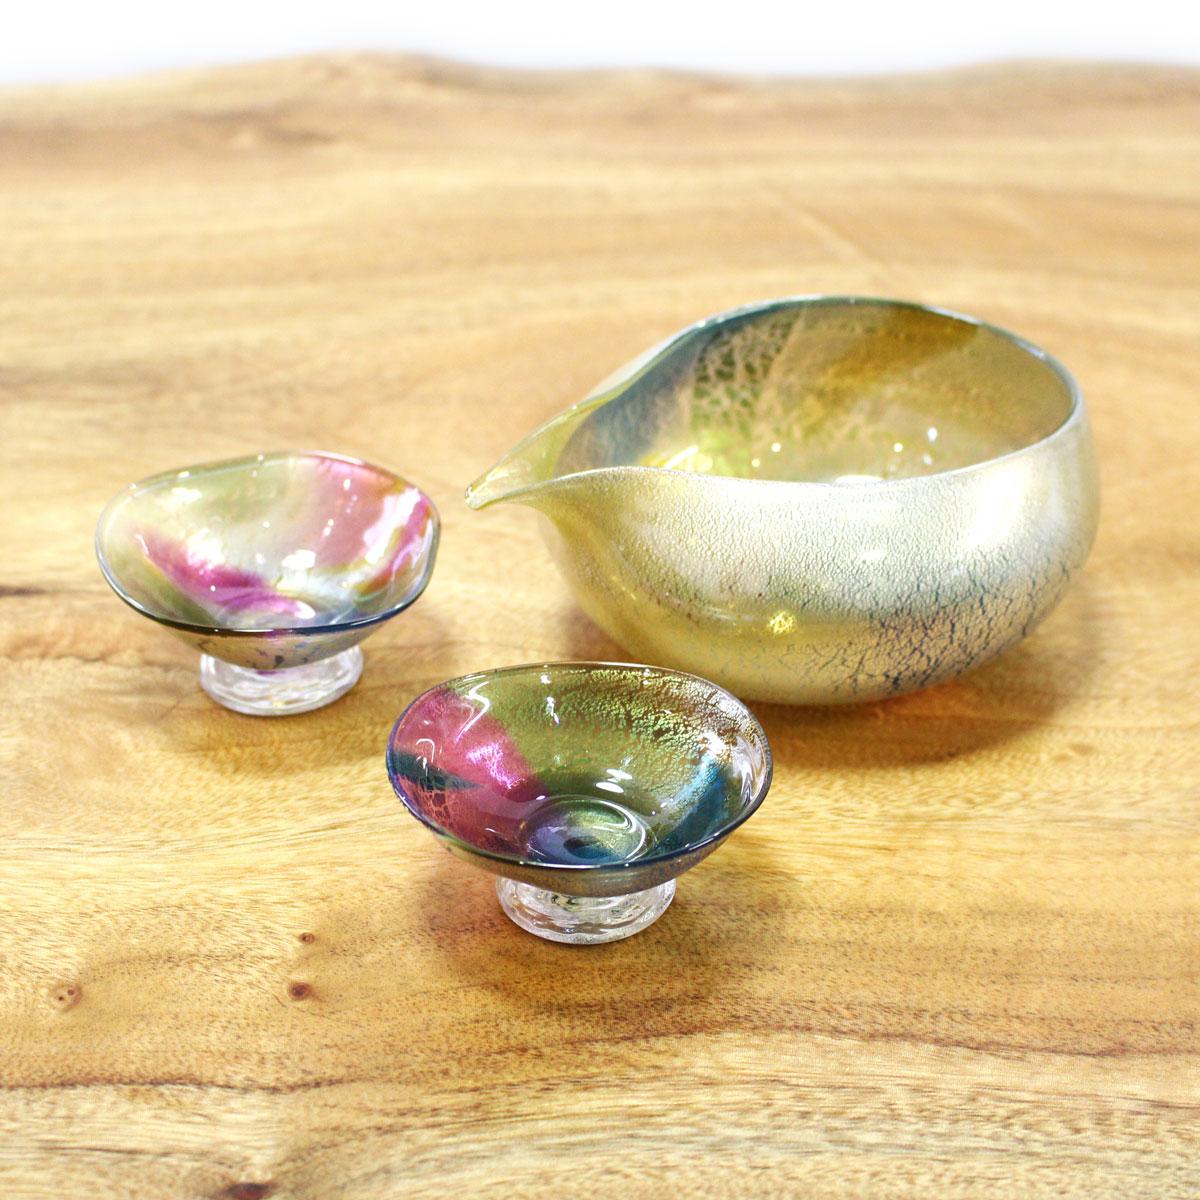 glasscalico グラスキャリコ earth(アース) 雅(みやび) 冷酒器セット (片口・ぐい呑 2個)  ハンドメイド ガラス酒器 おしゃれ ギフト プレゼント